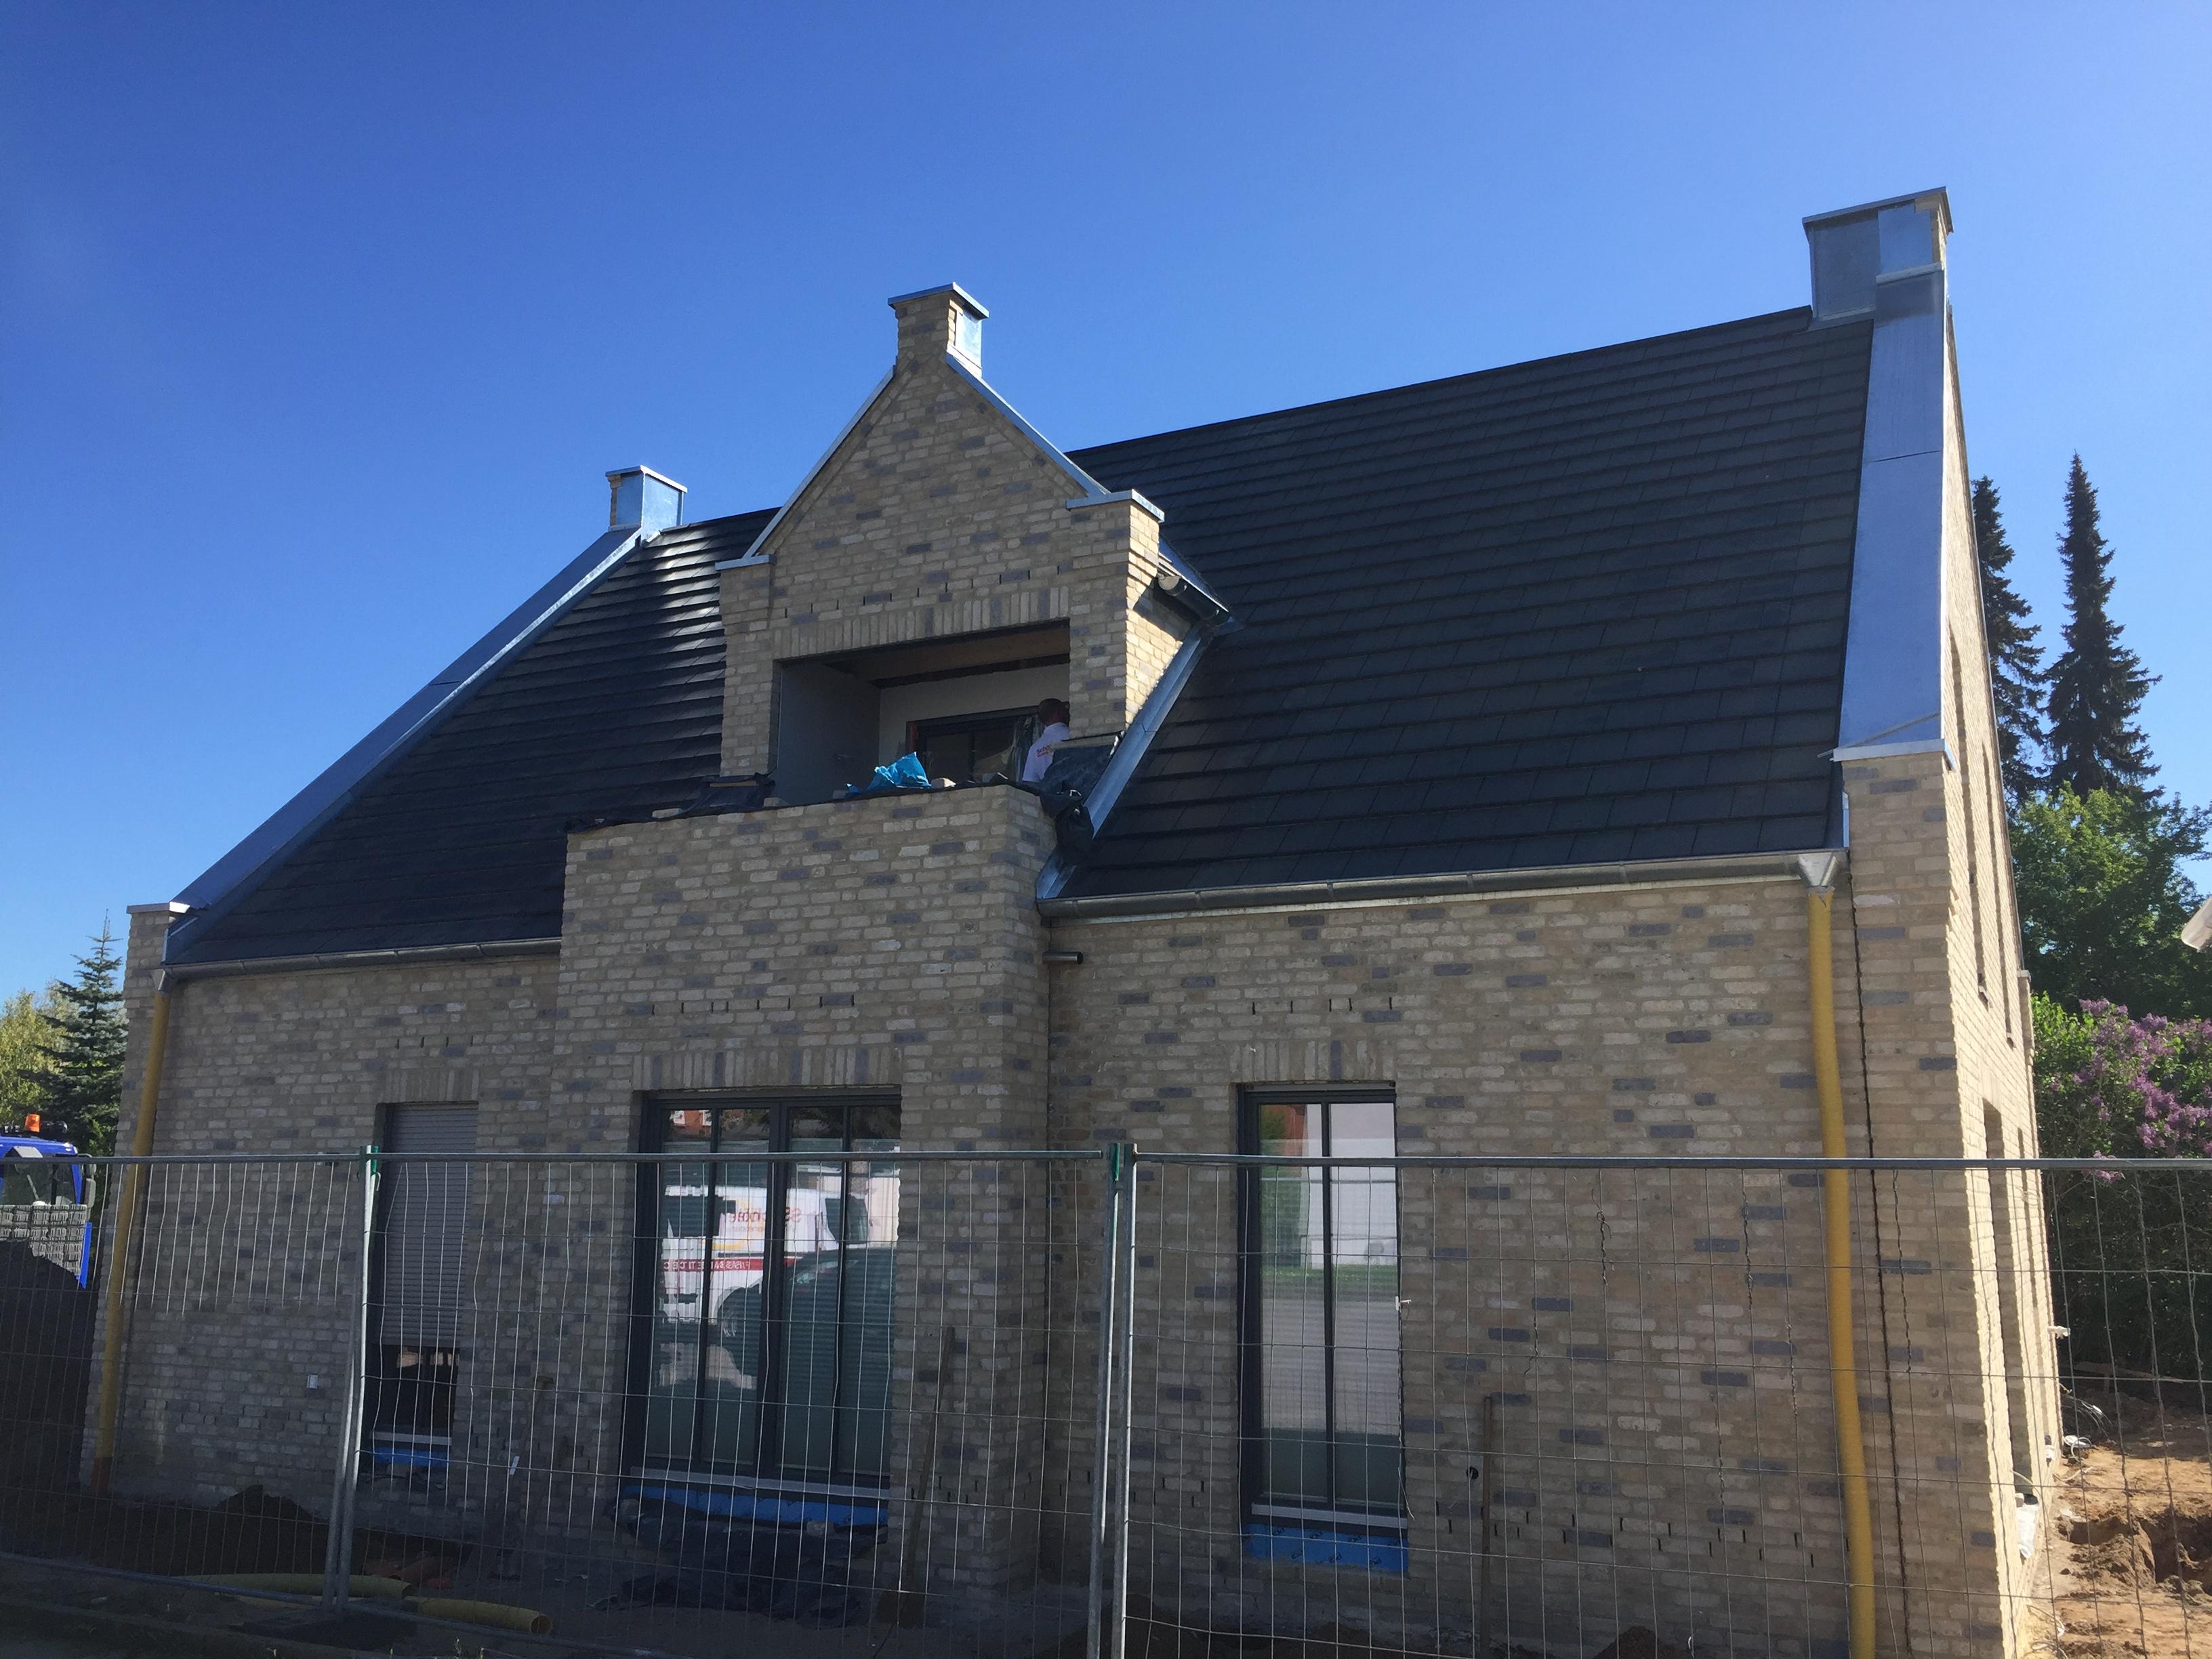 Neubau eines Einfamilienhauses in Holzrahmenbauweise  in Lübeck 2017/18